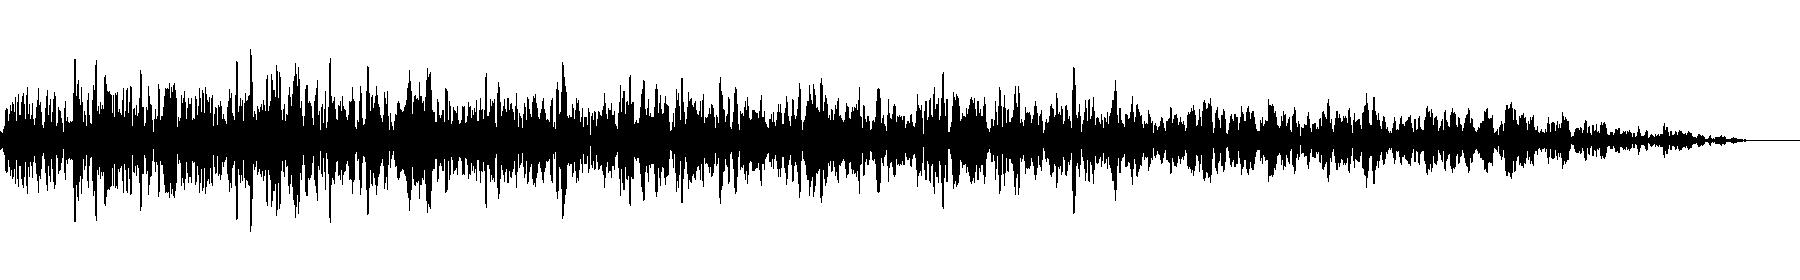 veh2 synths   102 c